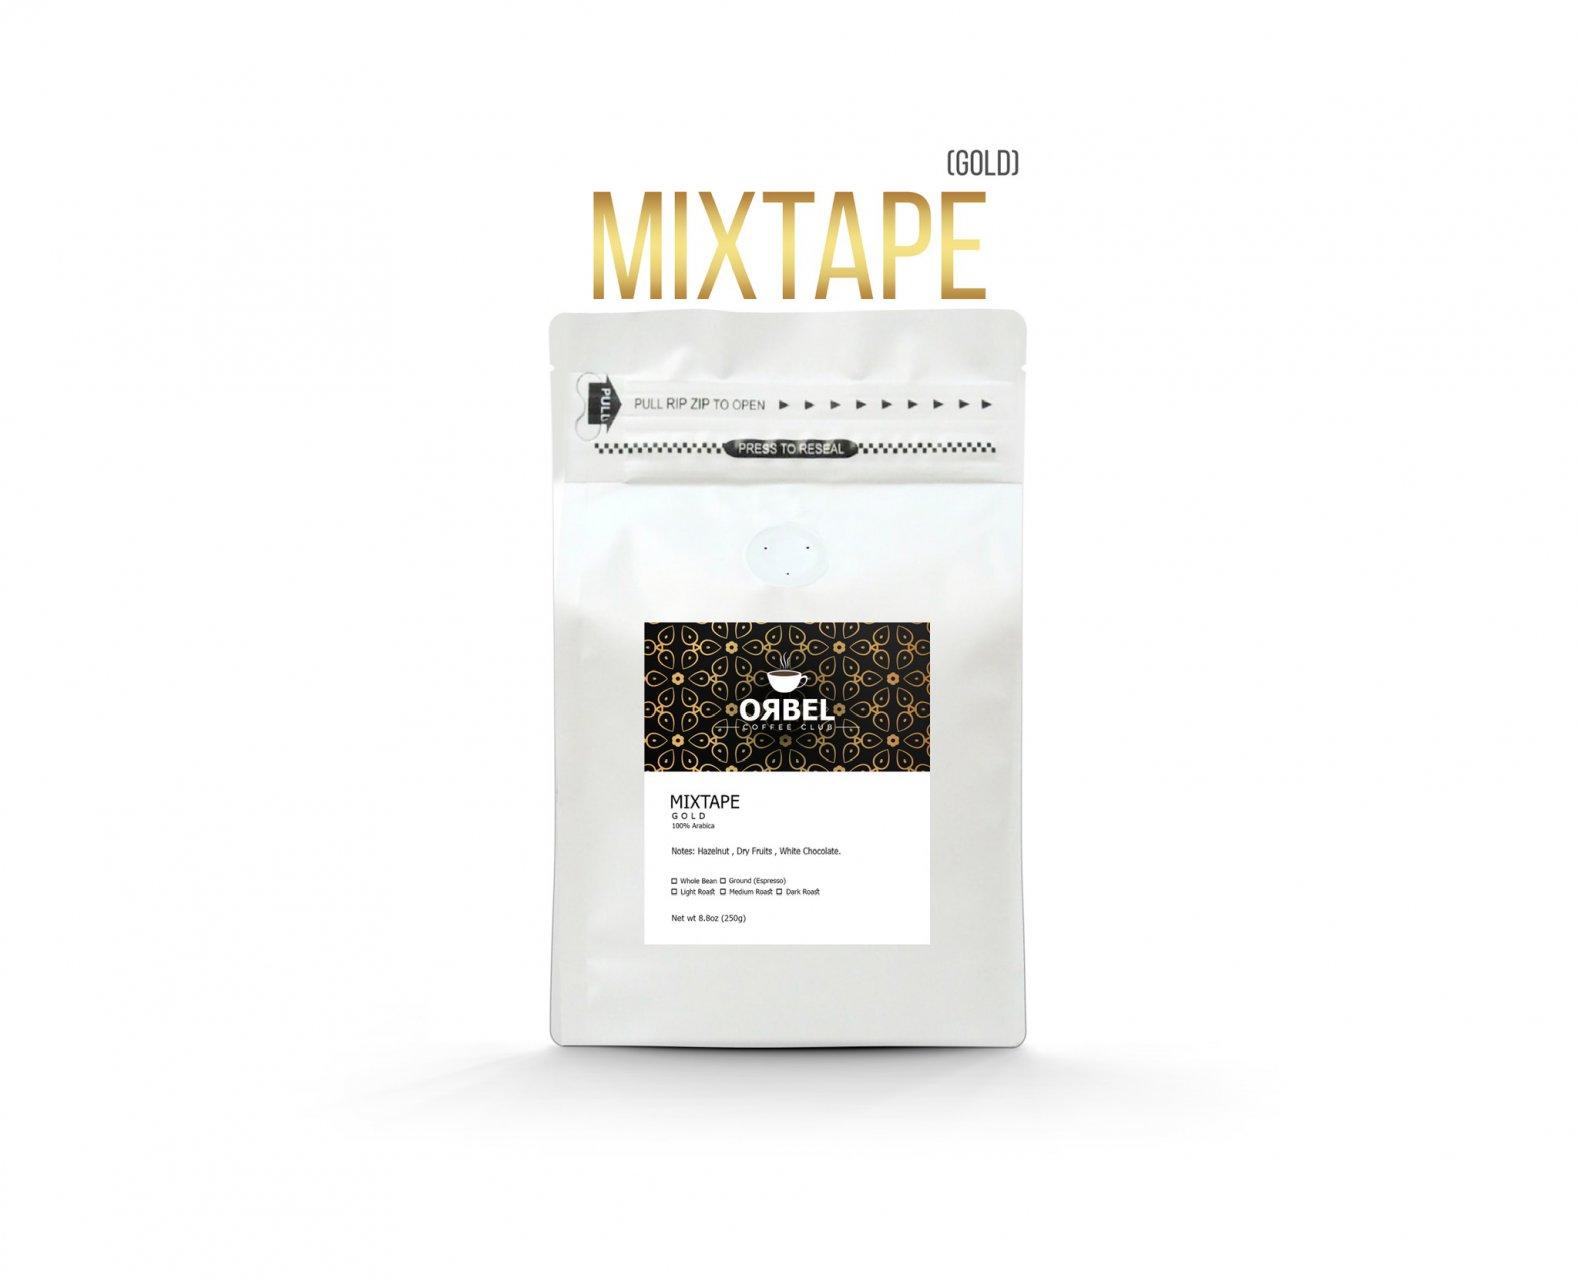 دانه قهوه اربل مدل میکس تیپ گلد ۲۵۰ گرم